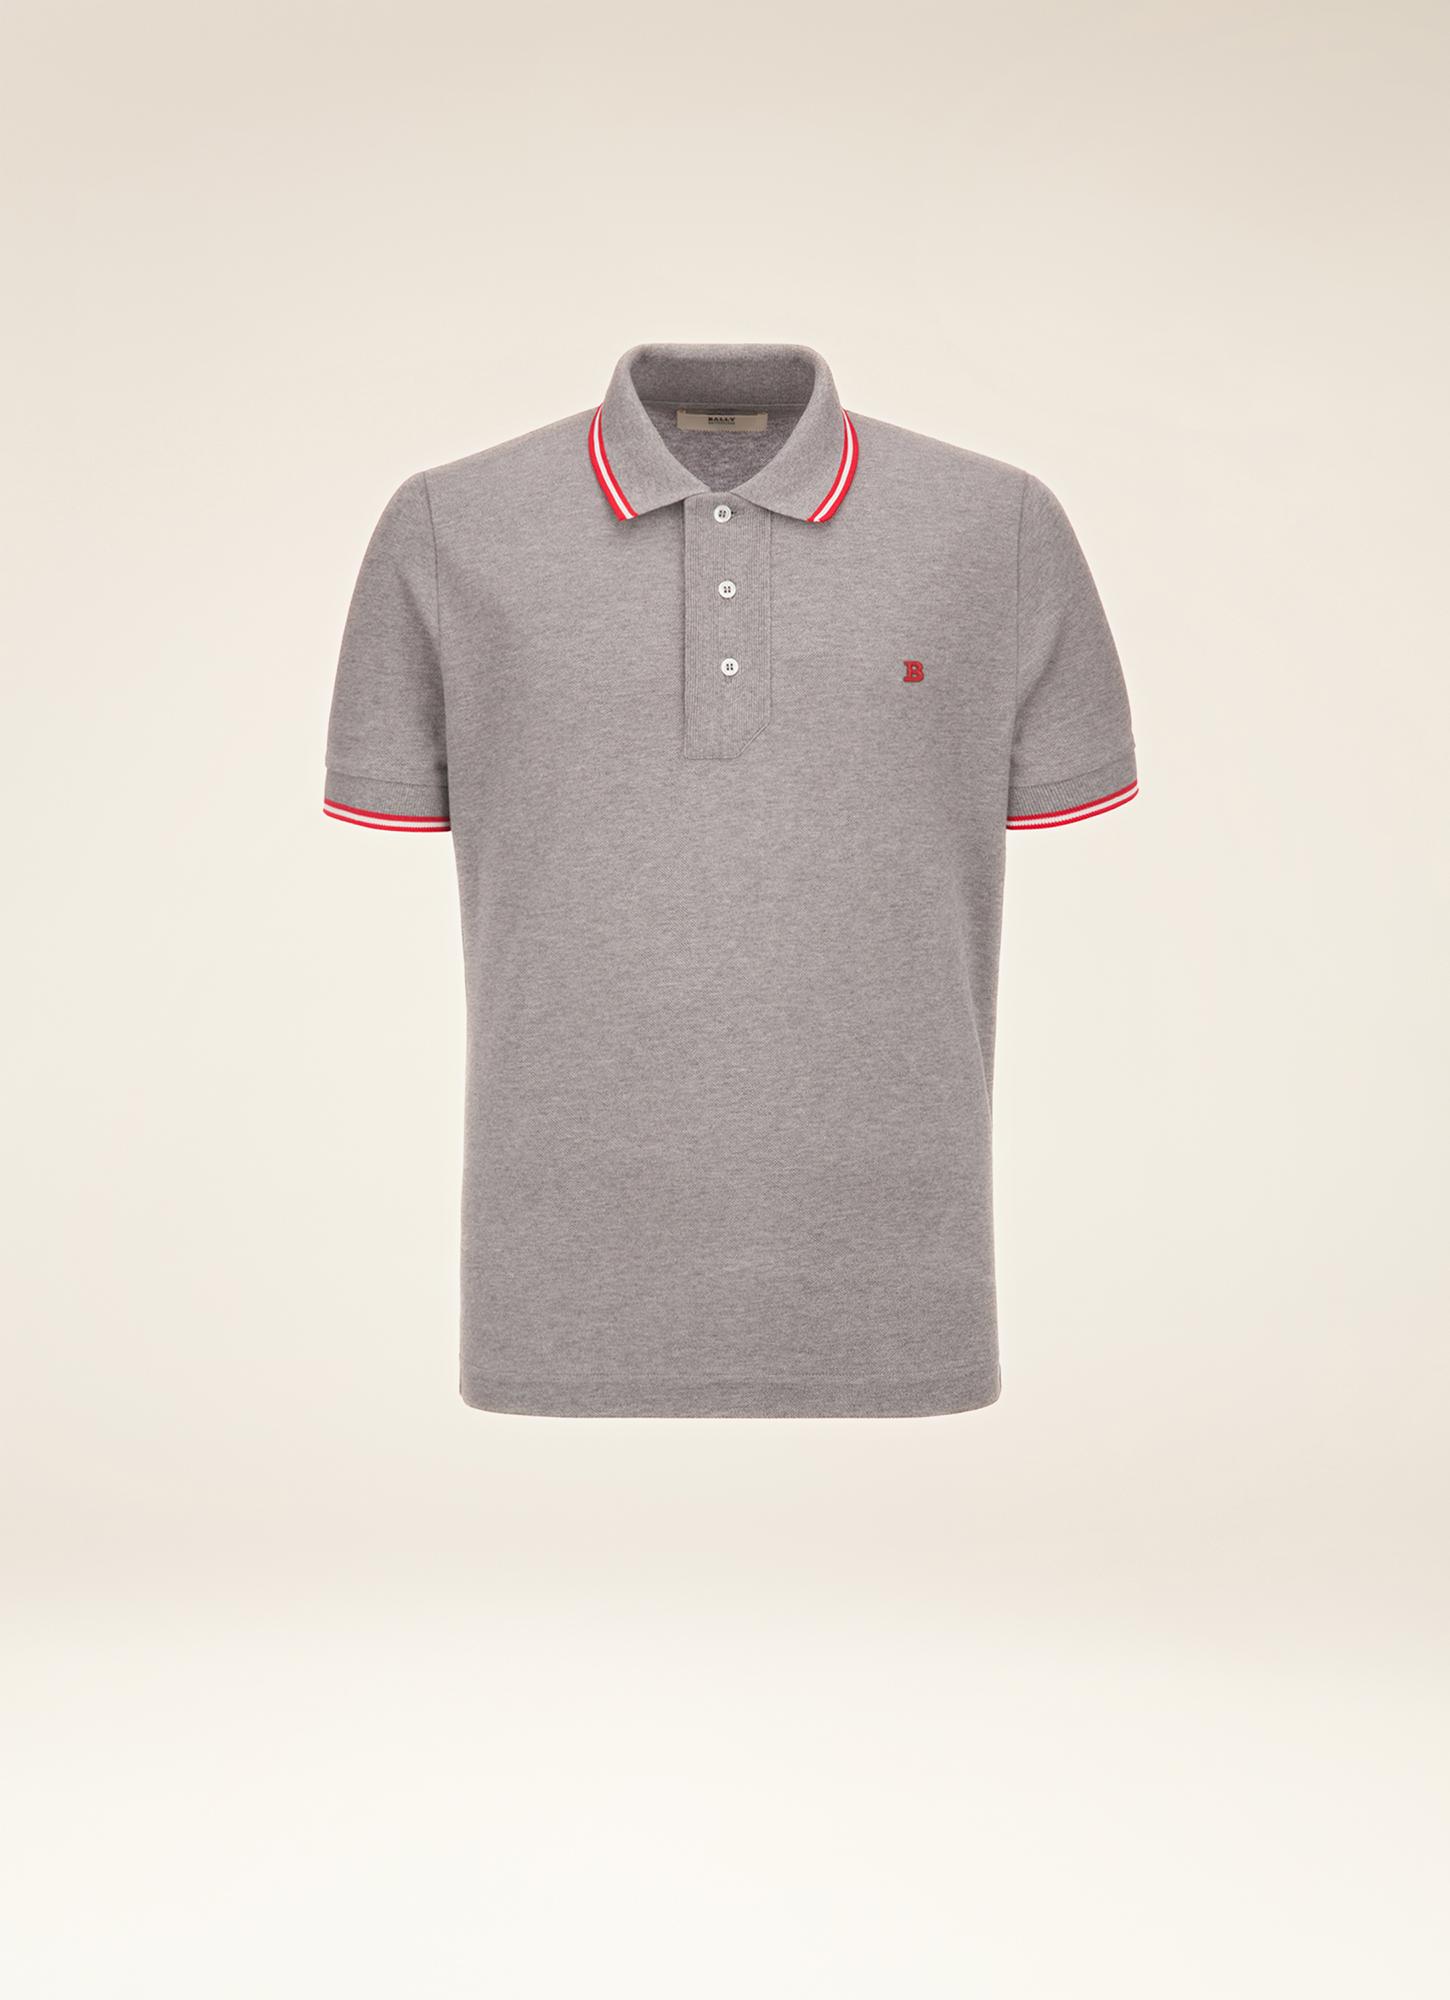 Striped Neck Polo Shirt| Mens Polo Shirt | Grey Cotton | Bally